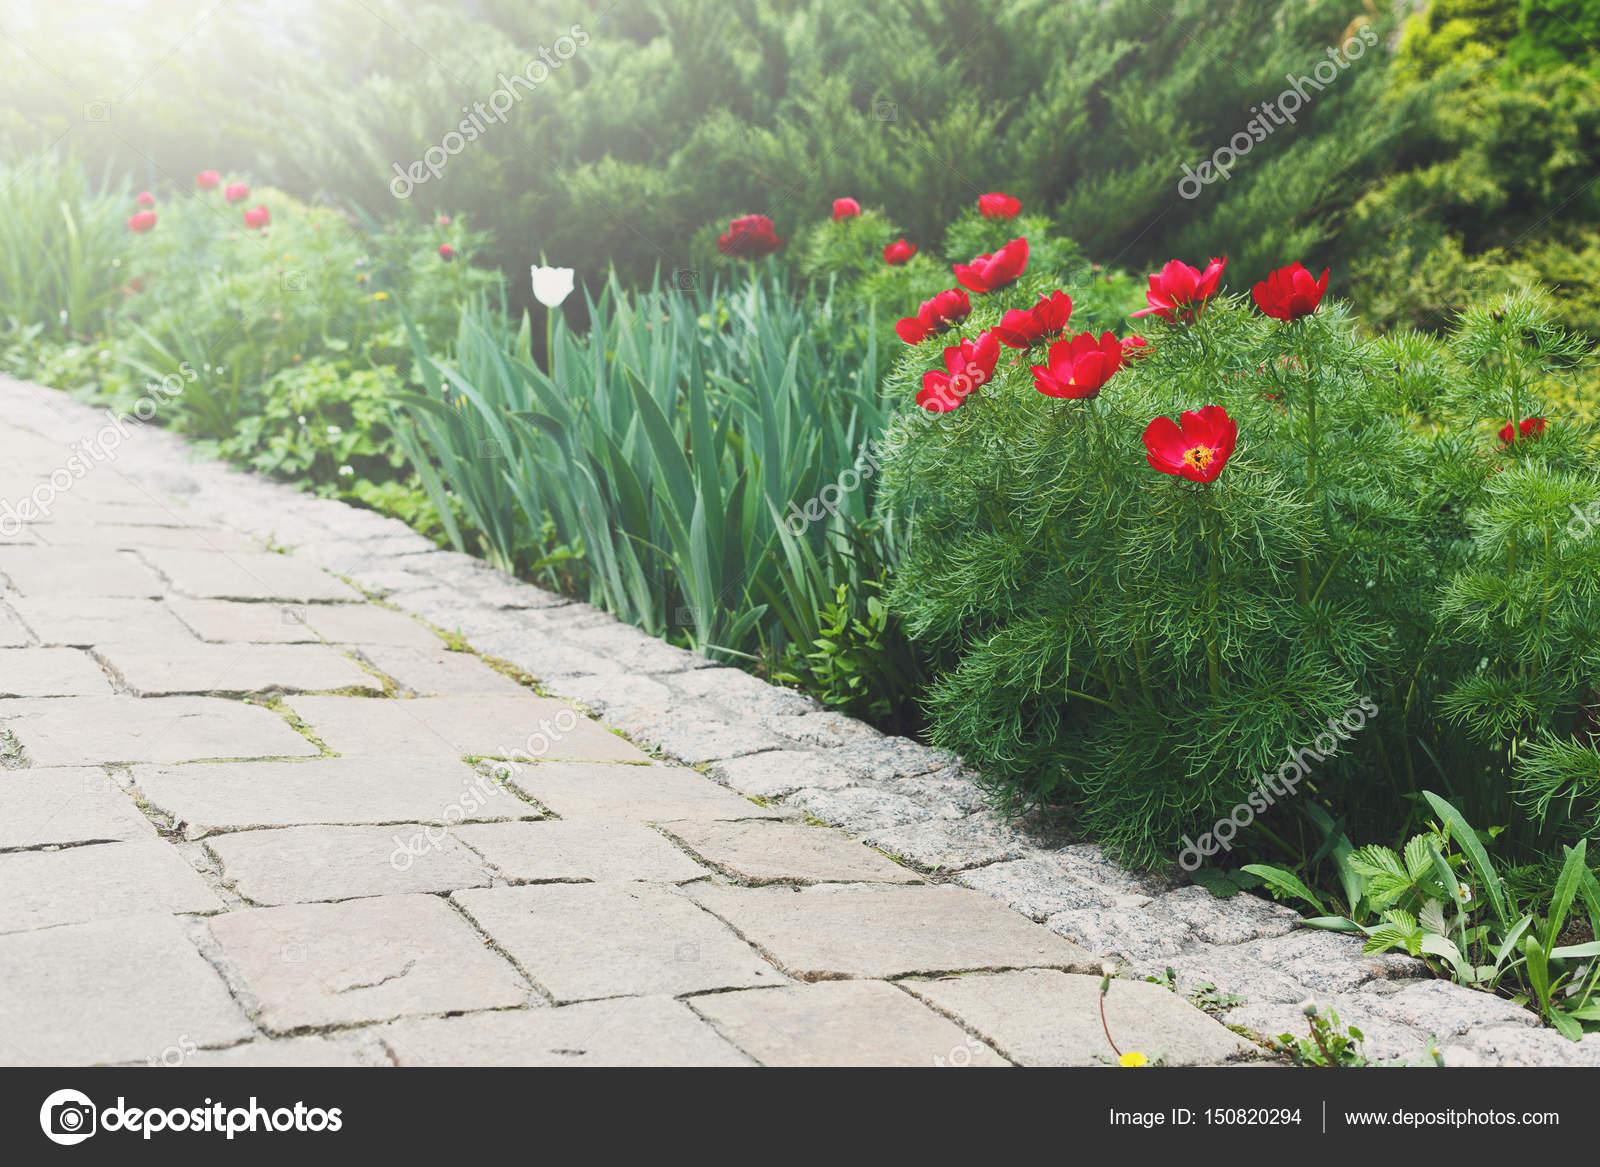 Tulipani nel giardino progettazione del paesaggio u2014 foto stock